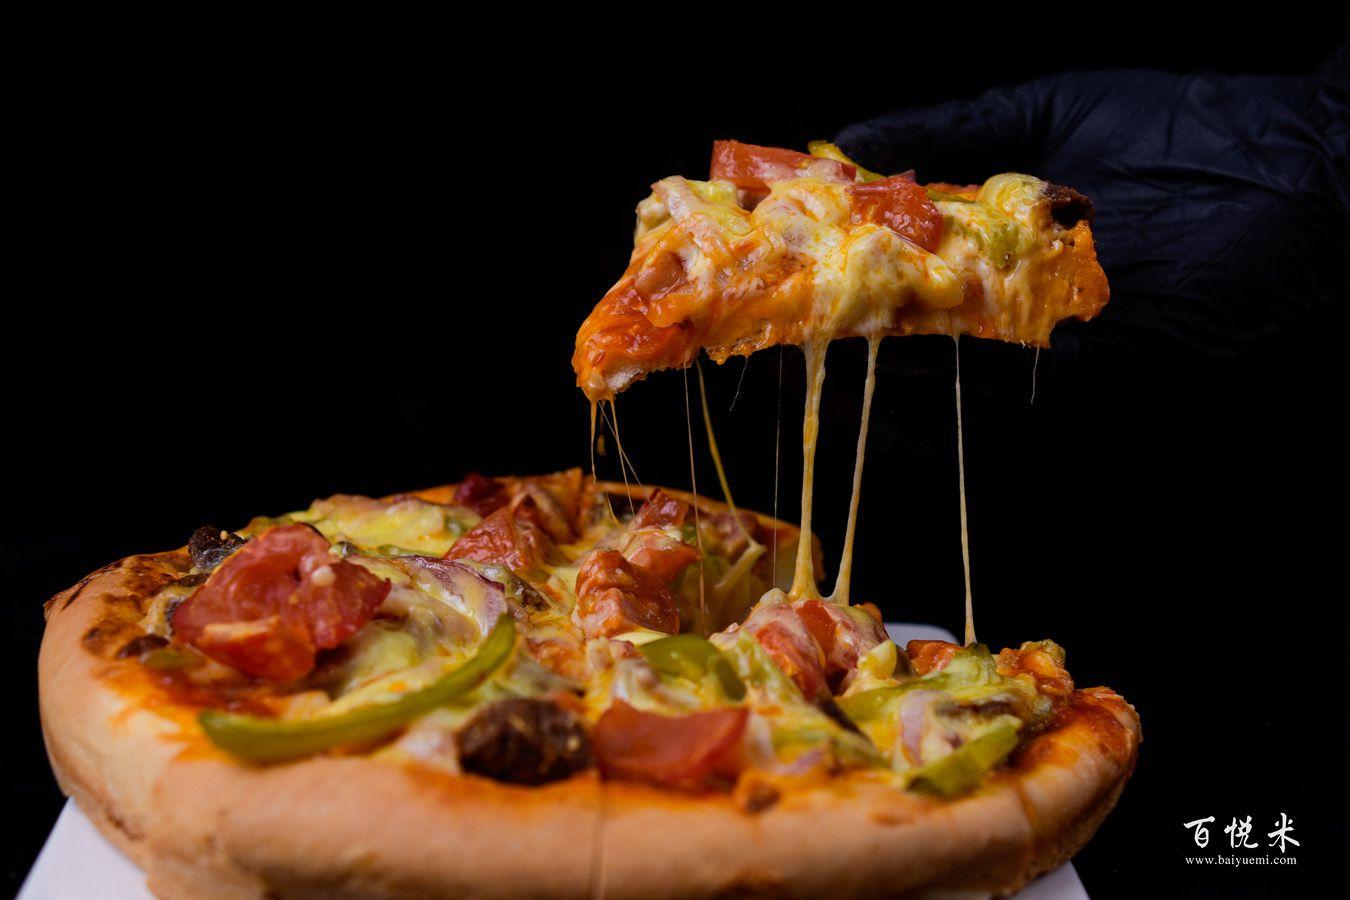 辣条披萨的做法大全,辣条披萨西点培训图文教程分享